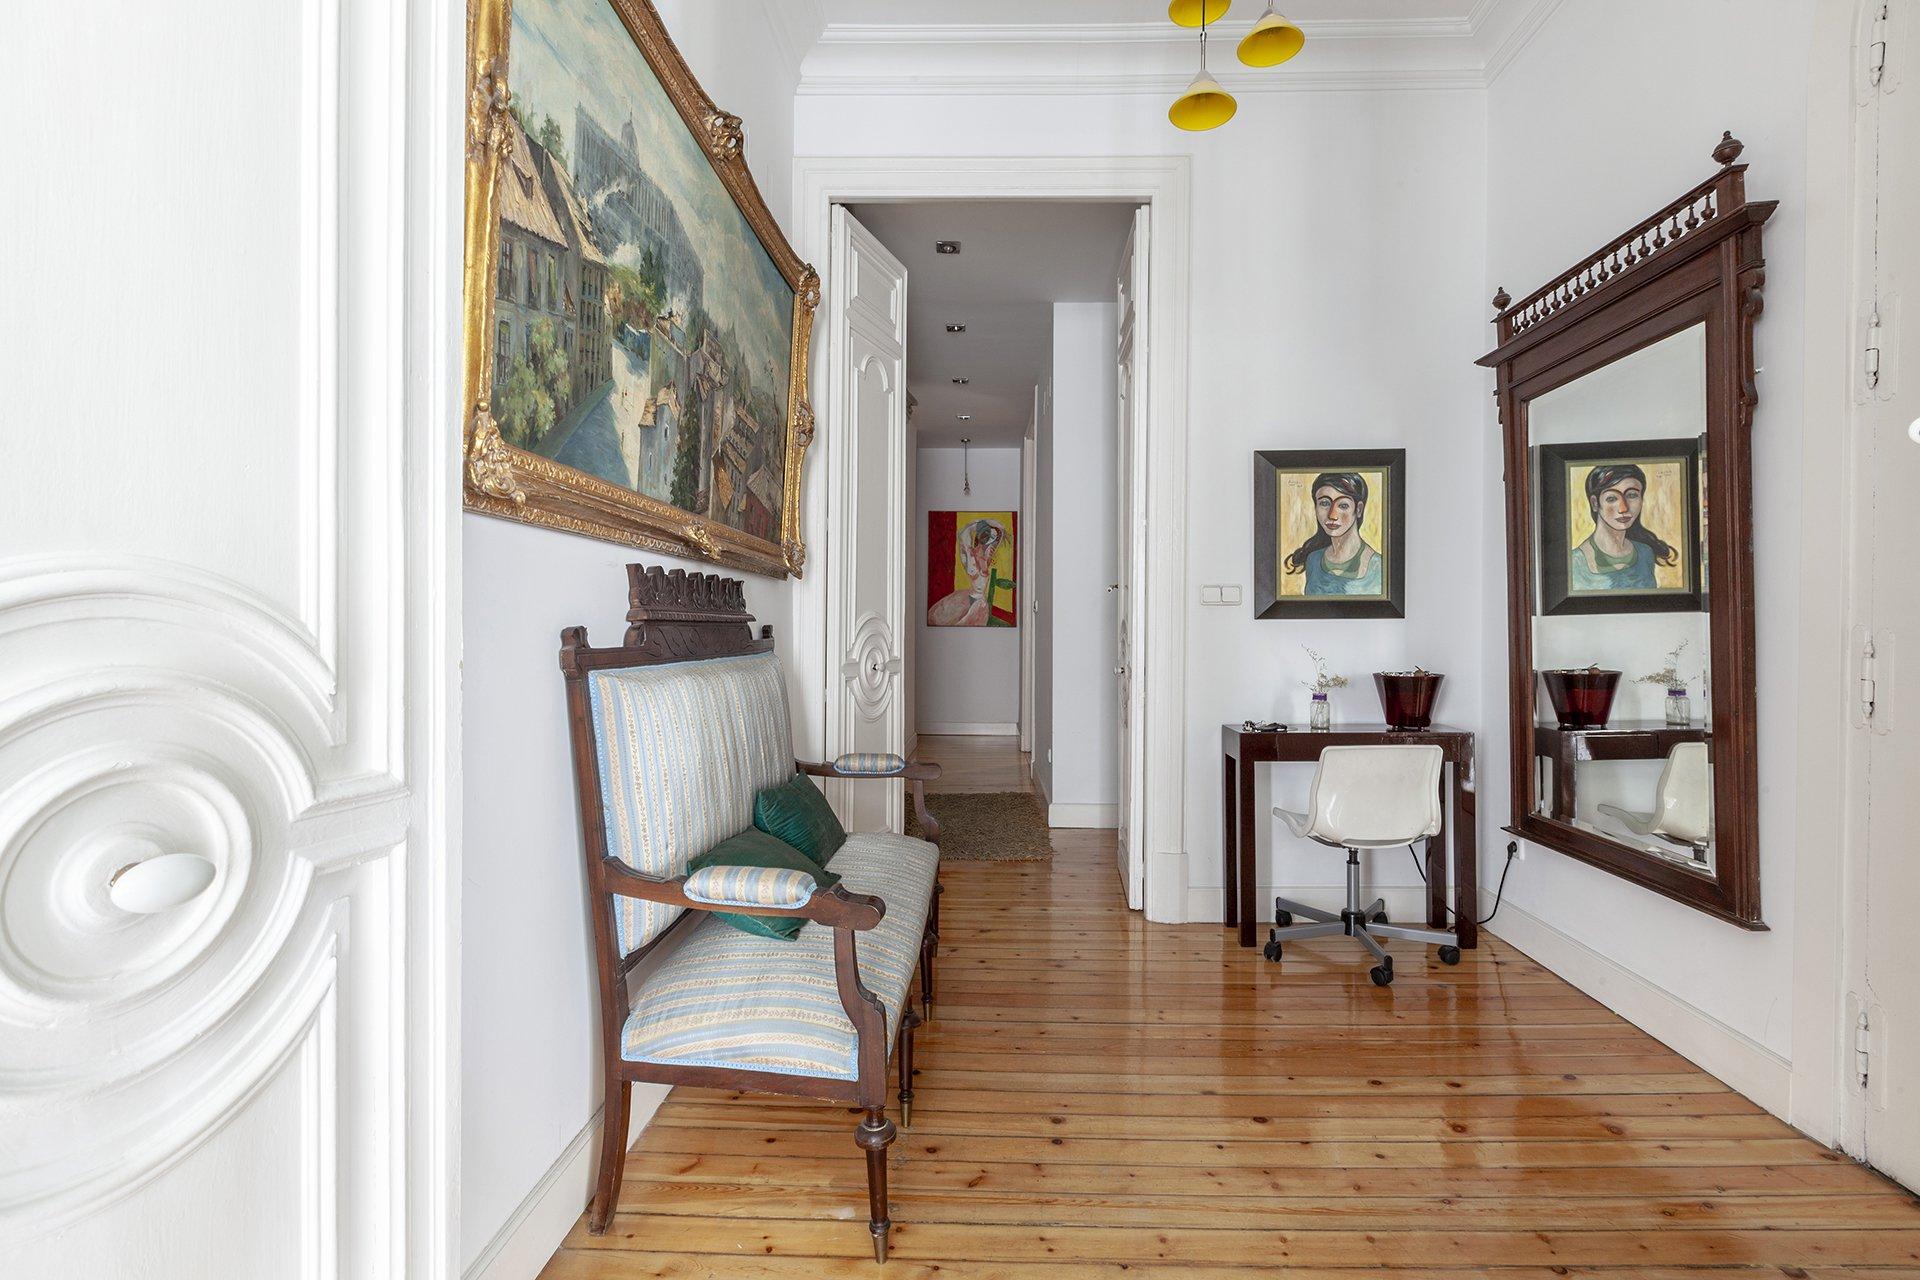 Anuncio alquiler piso madrid embajadores 28000 ref l0163mac - Alquiler piso madrid particular ...